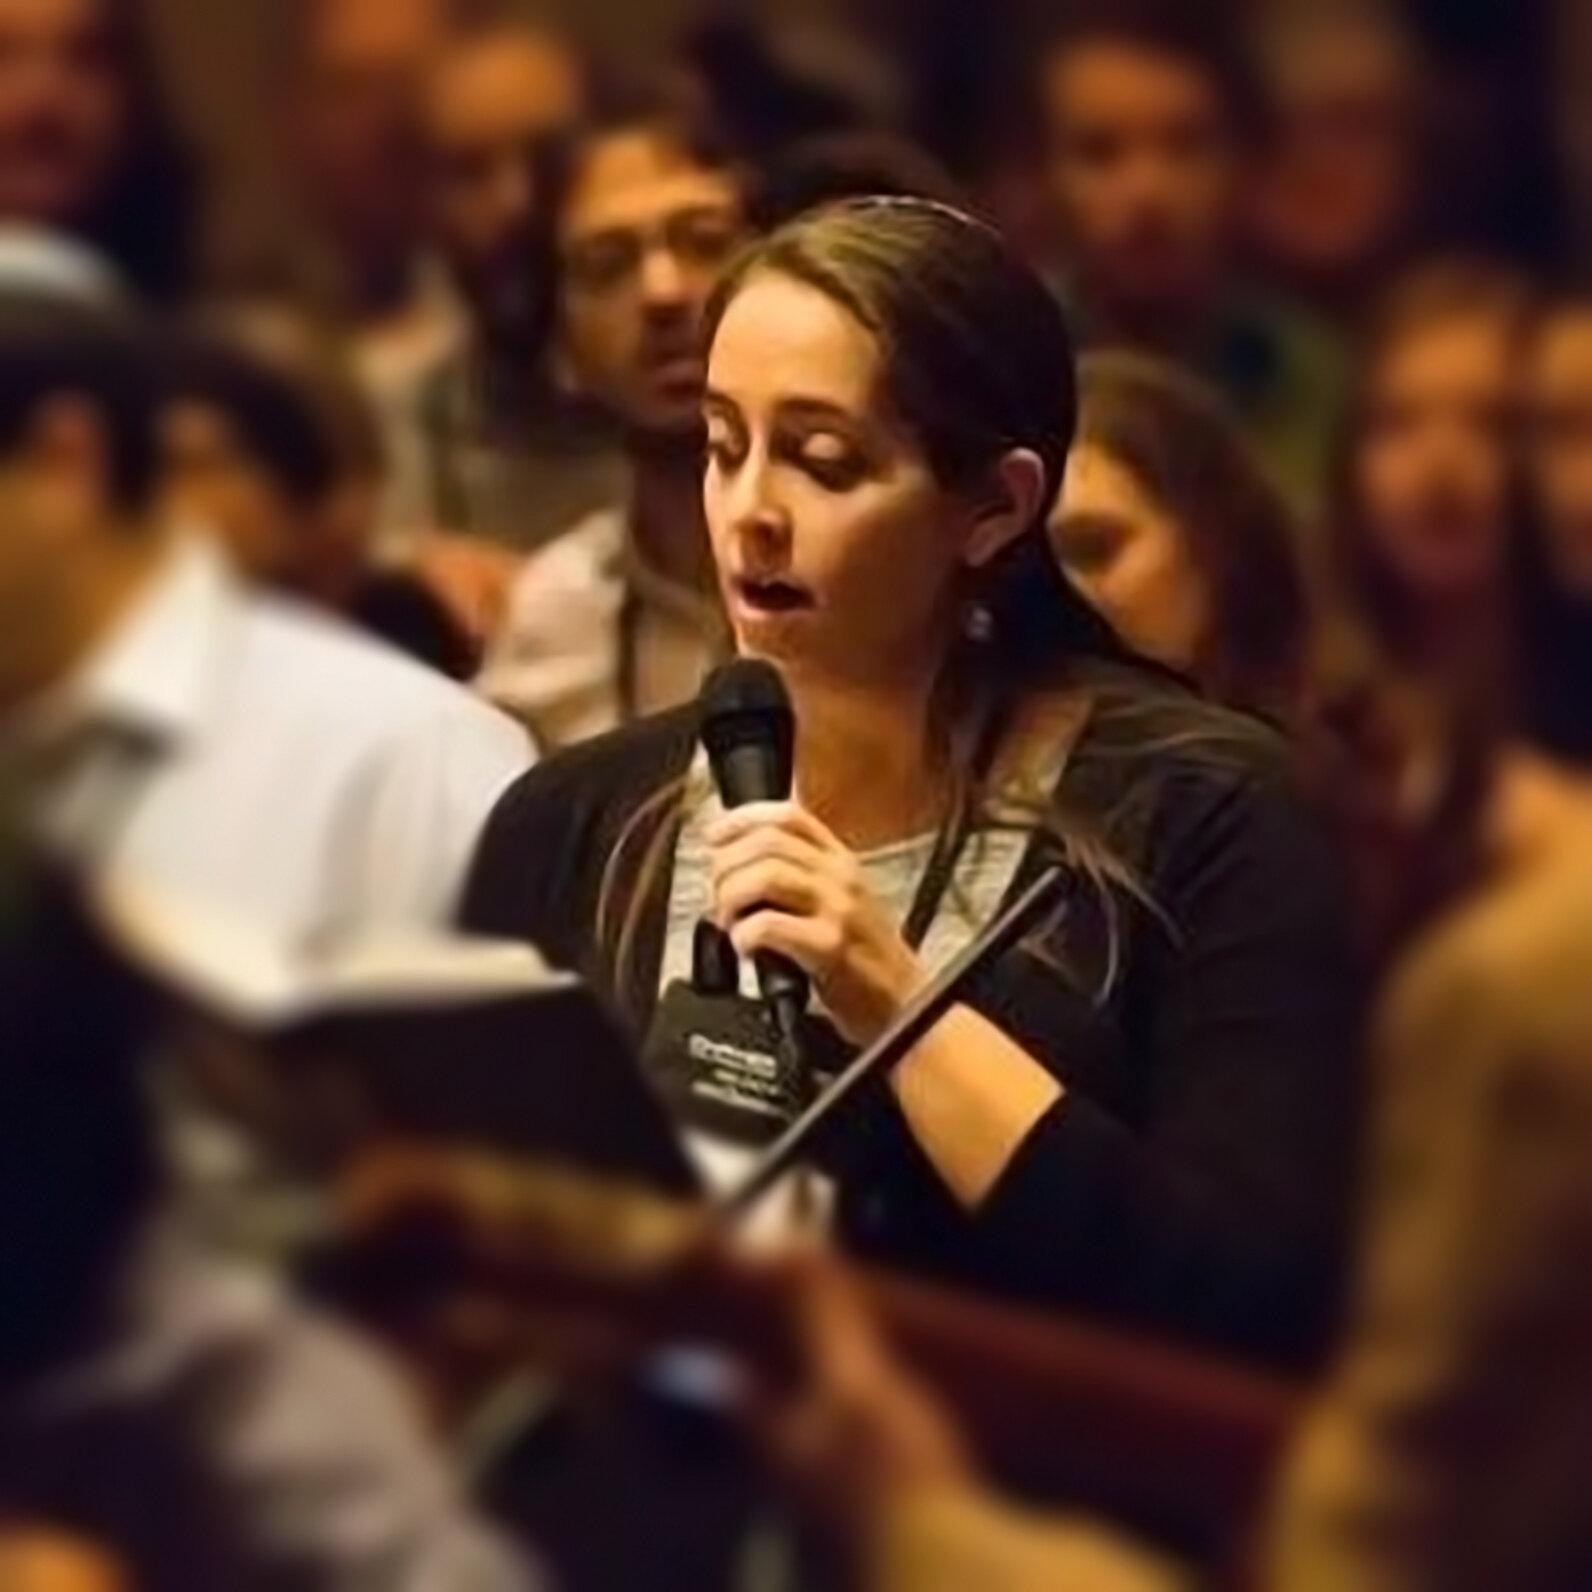 AmandaRussell_Microphone.jpg